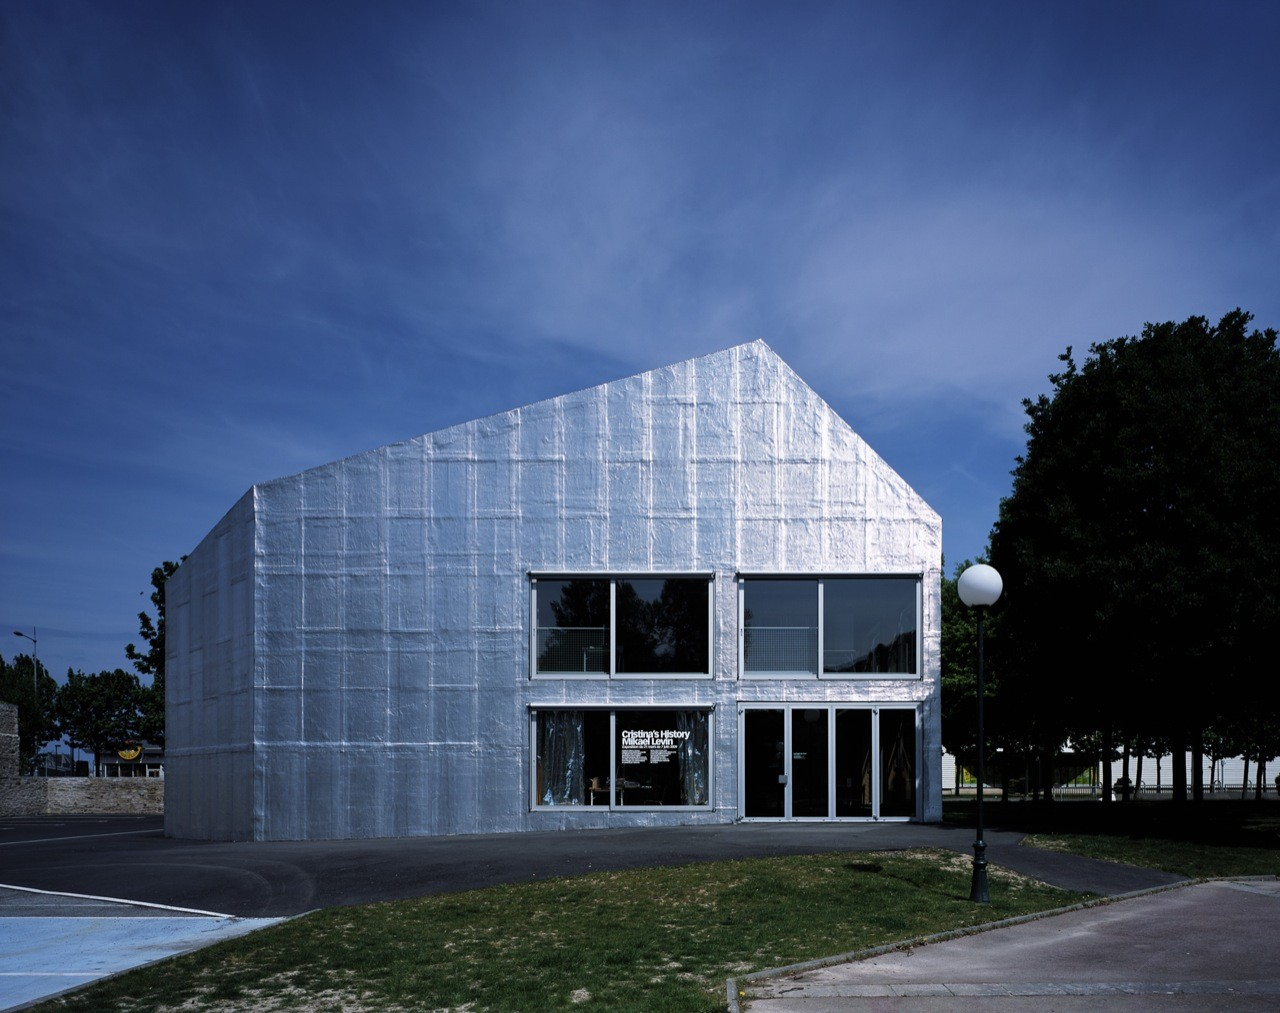 Le Point du Jour Art center / Éric Lapierre Architecture, © Hélène Binet